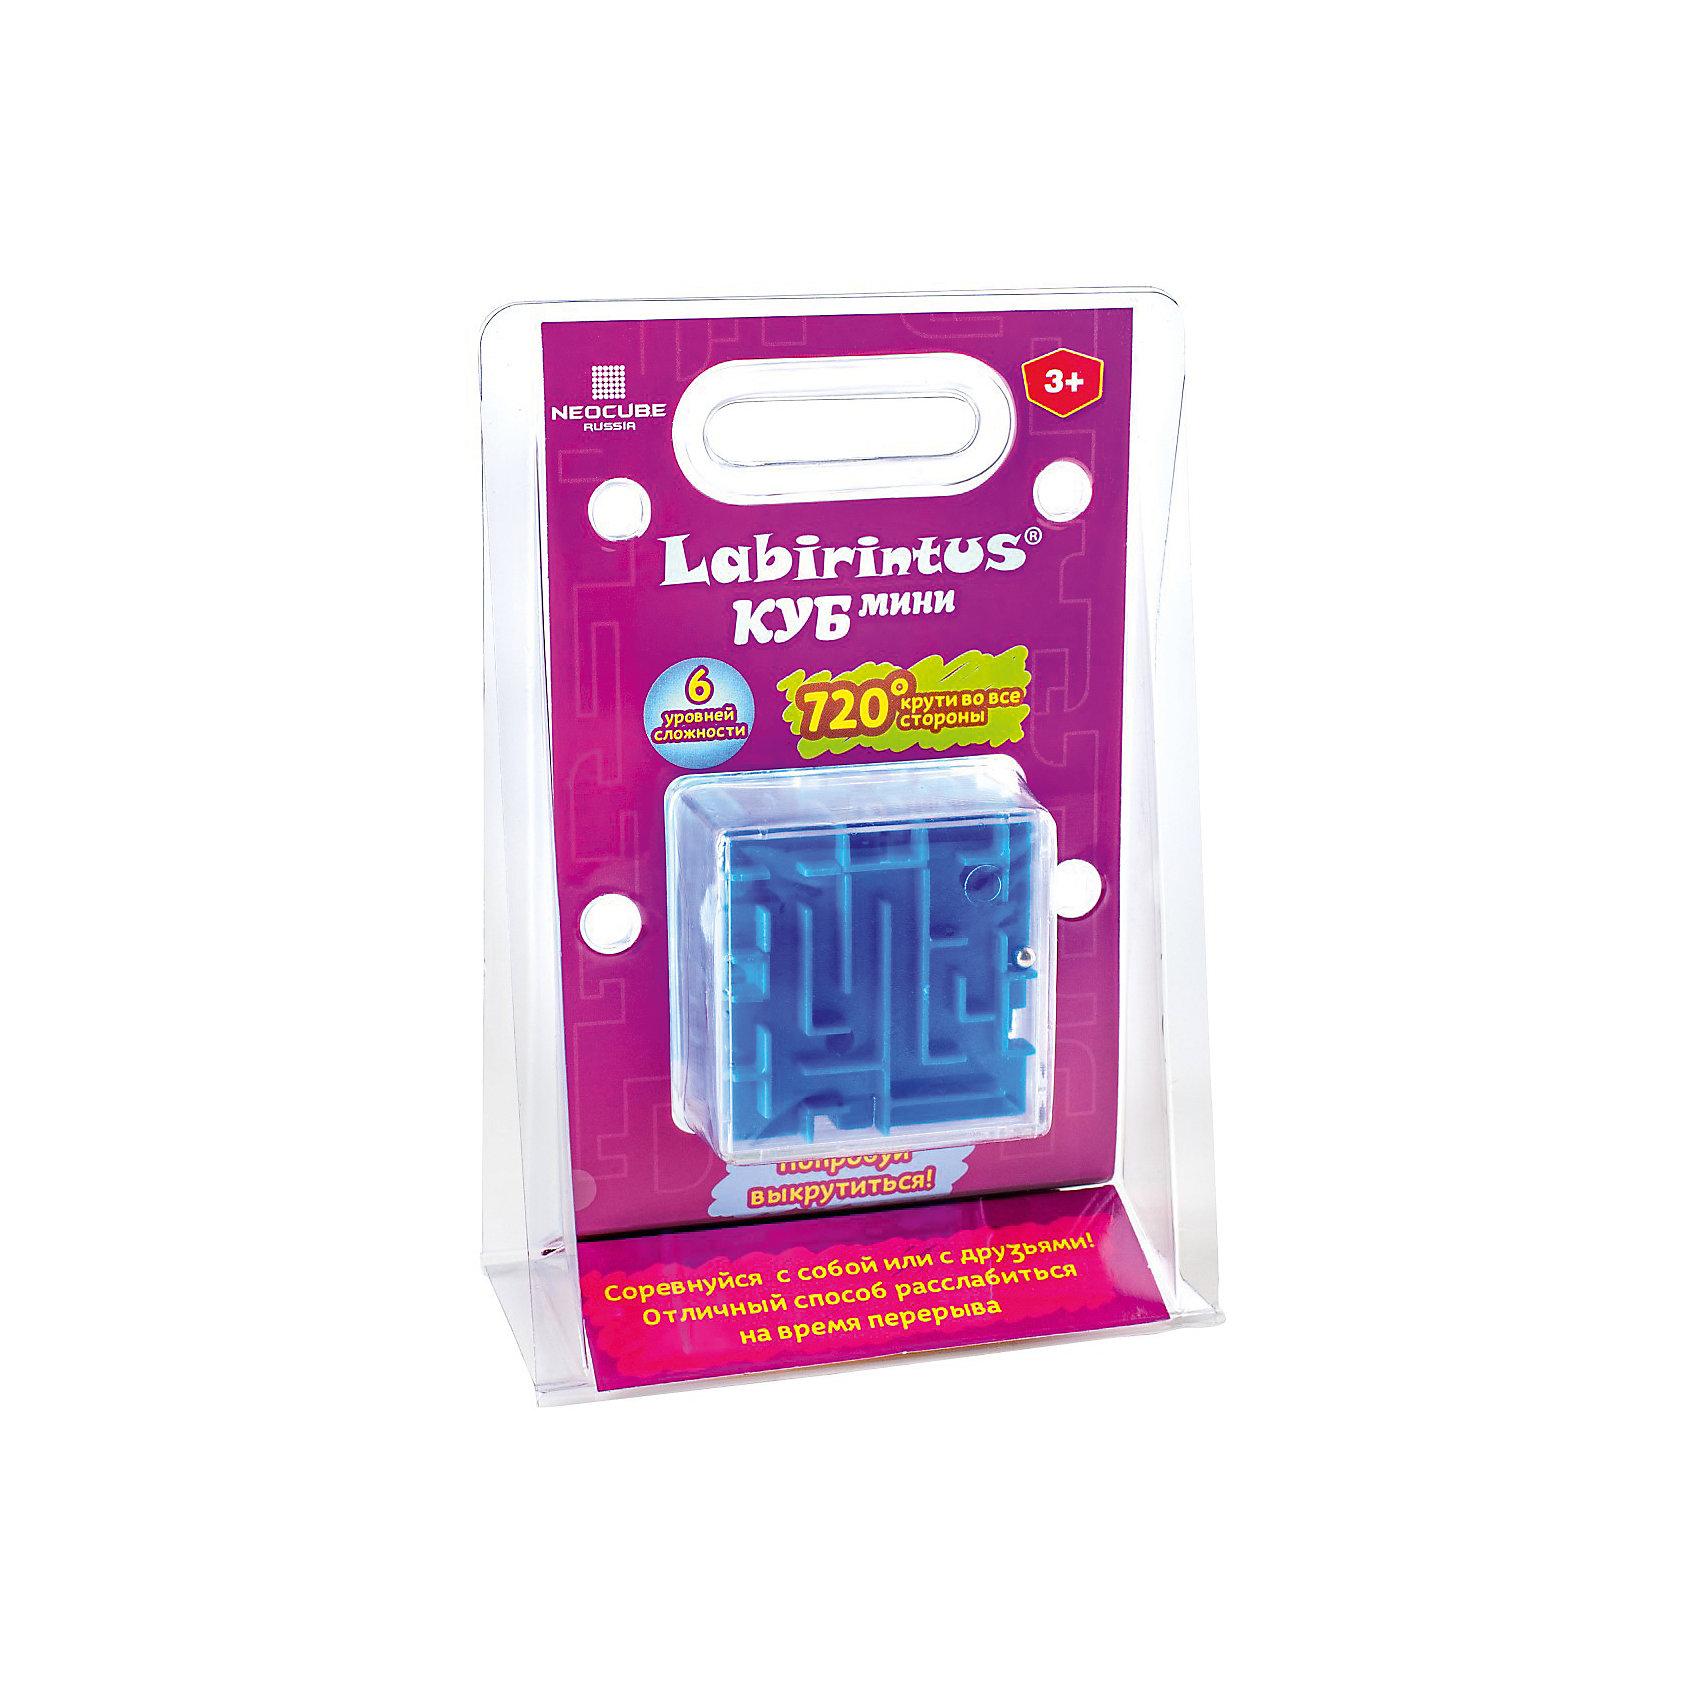 Головоломка Куб синий, 6см, ЛабиринтусОбъёмные головоломки<br>Лабиринт из различных дорожек в прозрачном кубе ведет к цели металлический шарик, путем вращения прозрачной сферы в руках. Игрушка, предназначенная развивать терпение, ловкость, память, моторику и пространственное мышление.<br><br>Ширина мм: 130<br>Глубина мм: 190<br>Высота мм: 35<br>Вес г: 100<br>Возраст от месяцев: 36<br>Возраст до месяцев: 2147483647<br>Пол: Унисекс<br>Возраст: Детский<br>SKU: 7025997